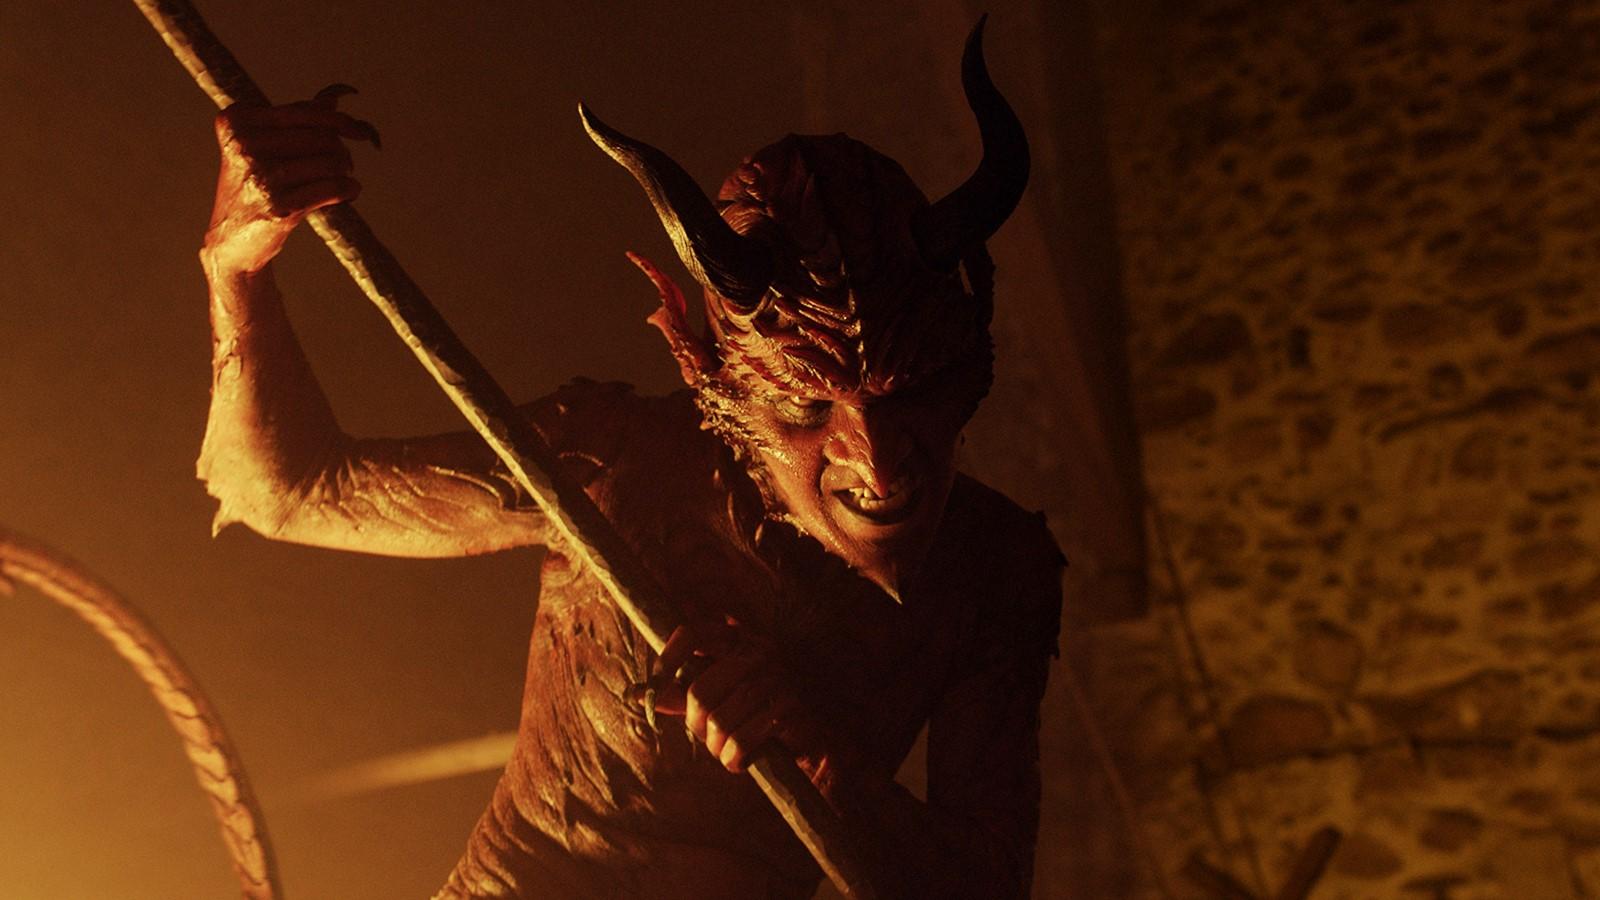 Rüyada Kötü insan Kılığında Şeytan Görmek